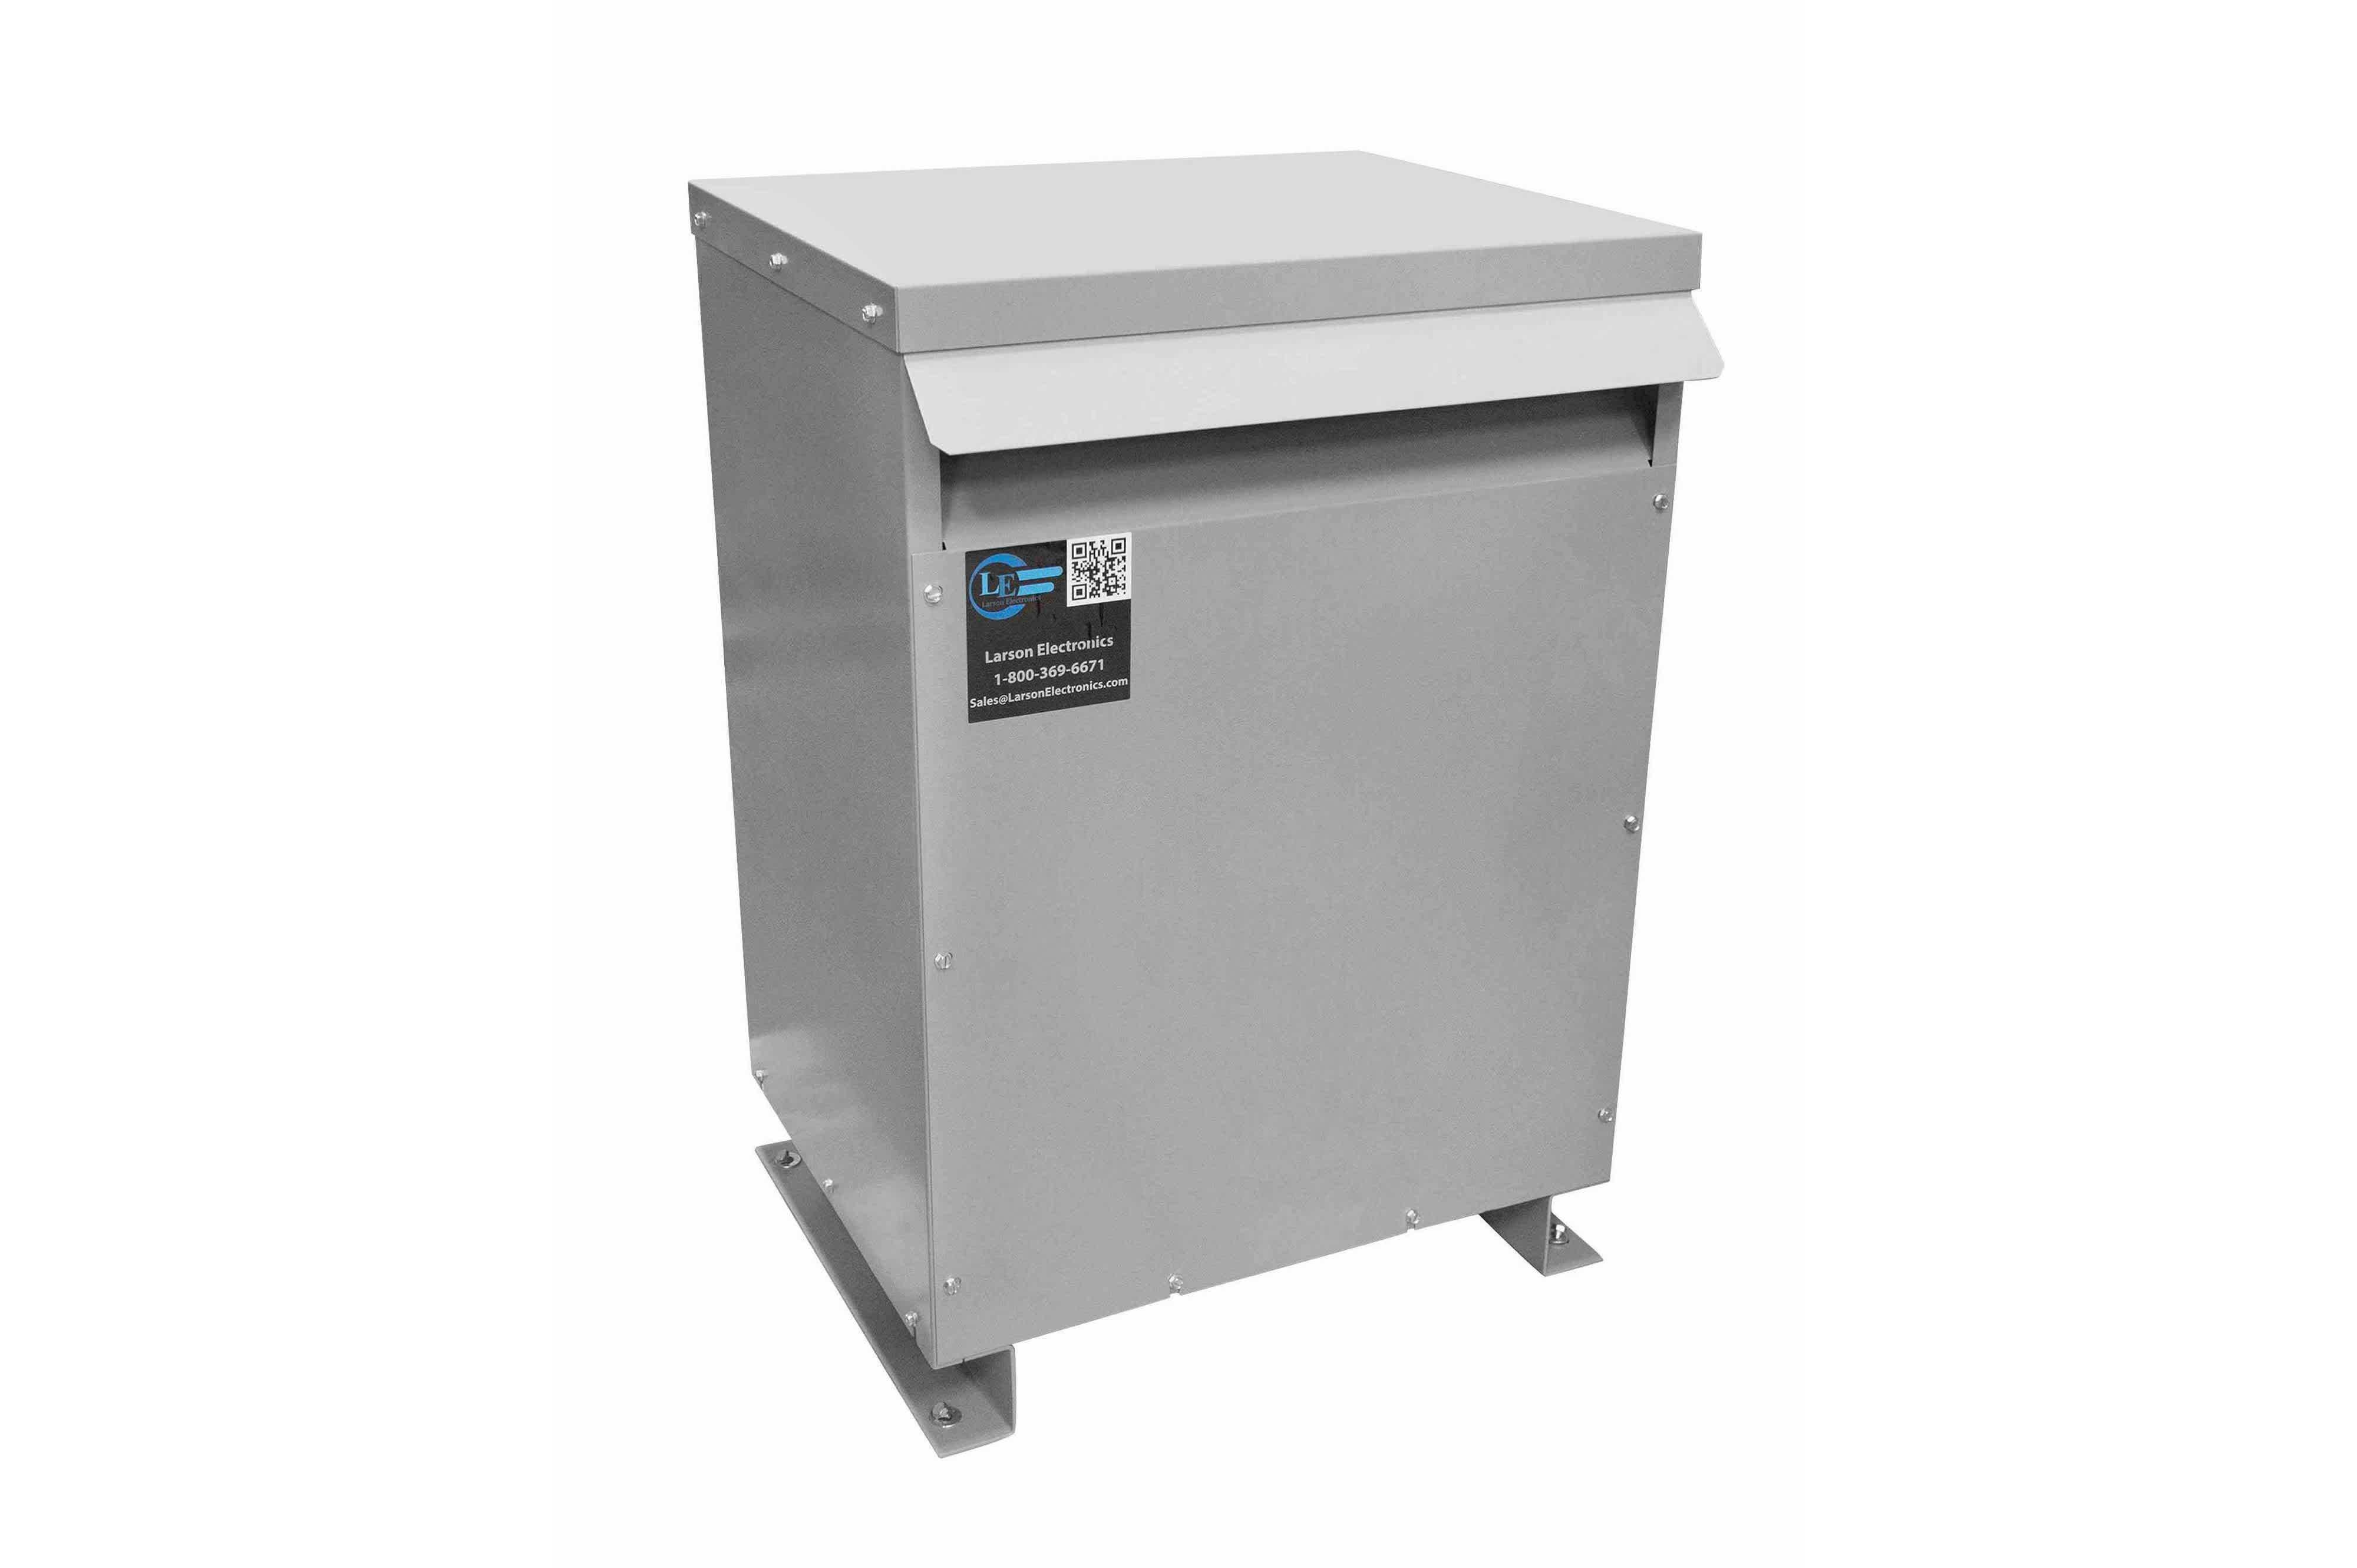 38 kVA 3PH Isolation Transformer, 240V Delta Primary, 415V Delta Secondary, N3R, Ventilated, 60 Hz